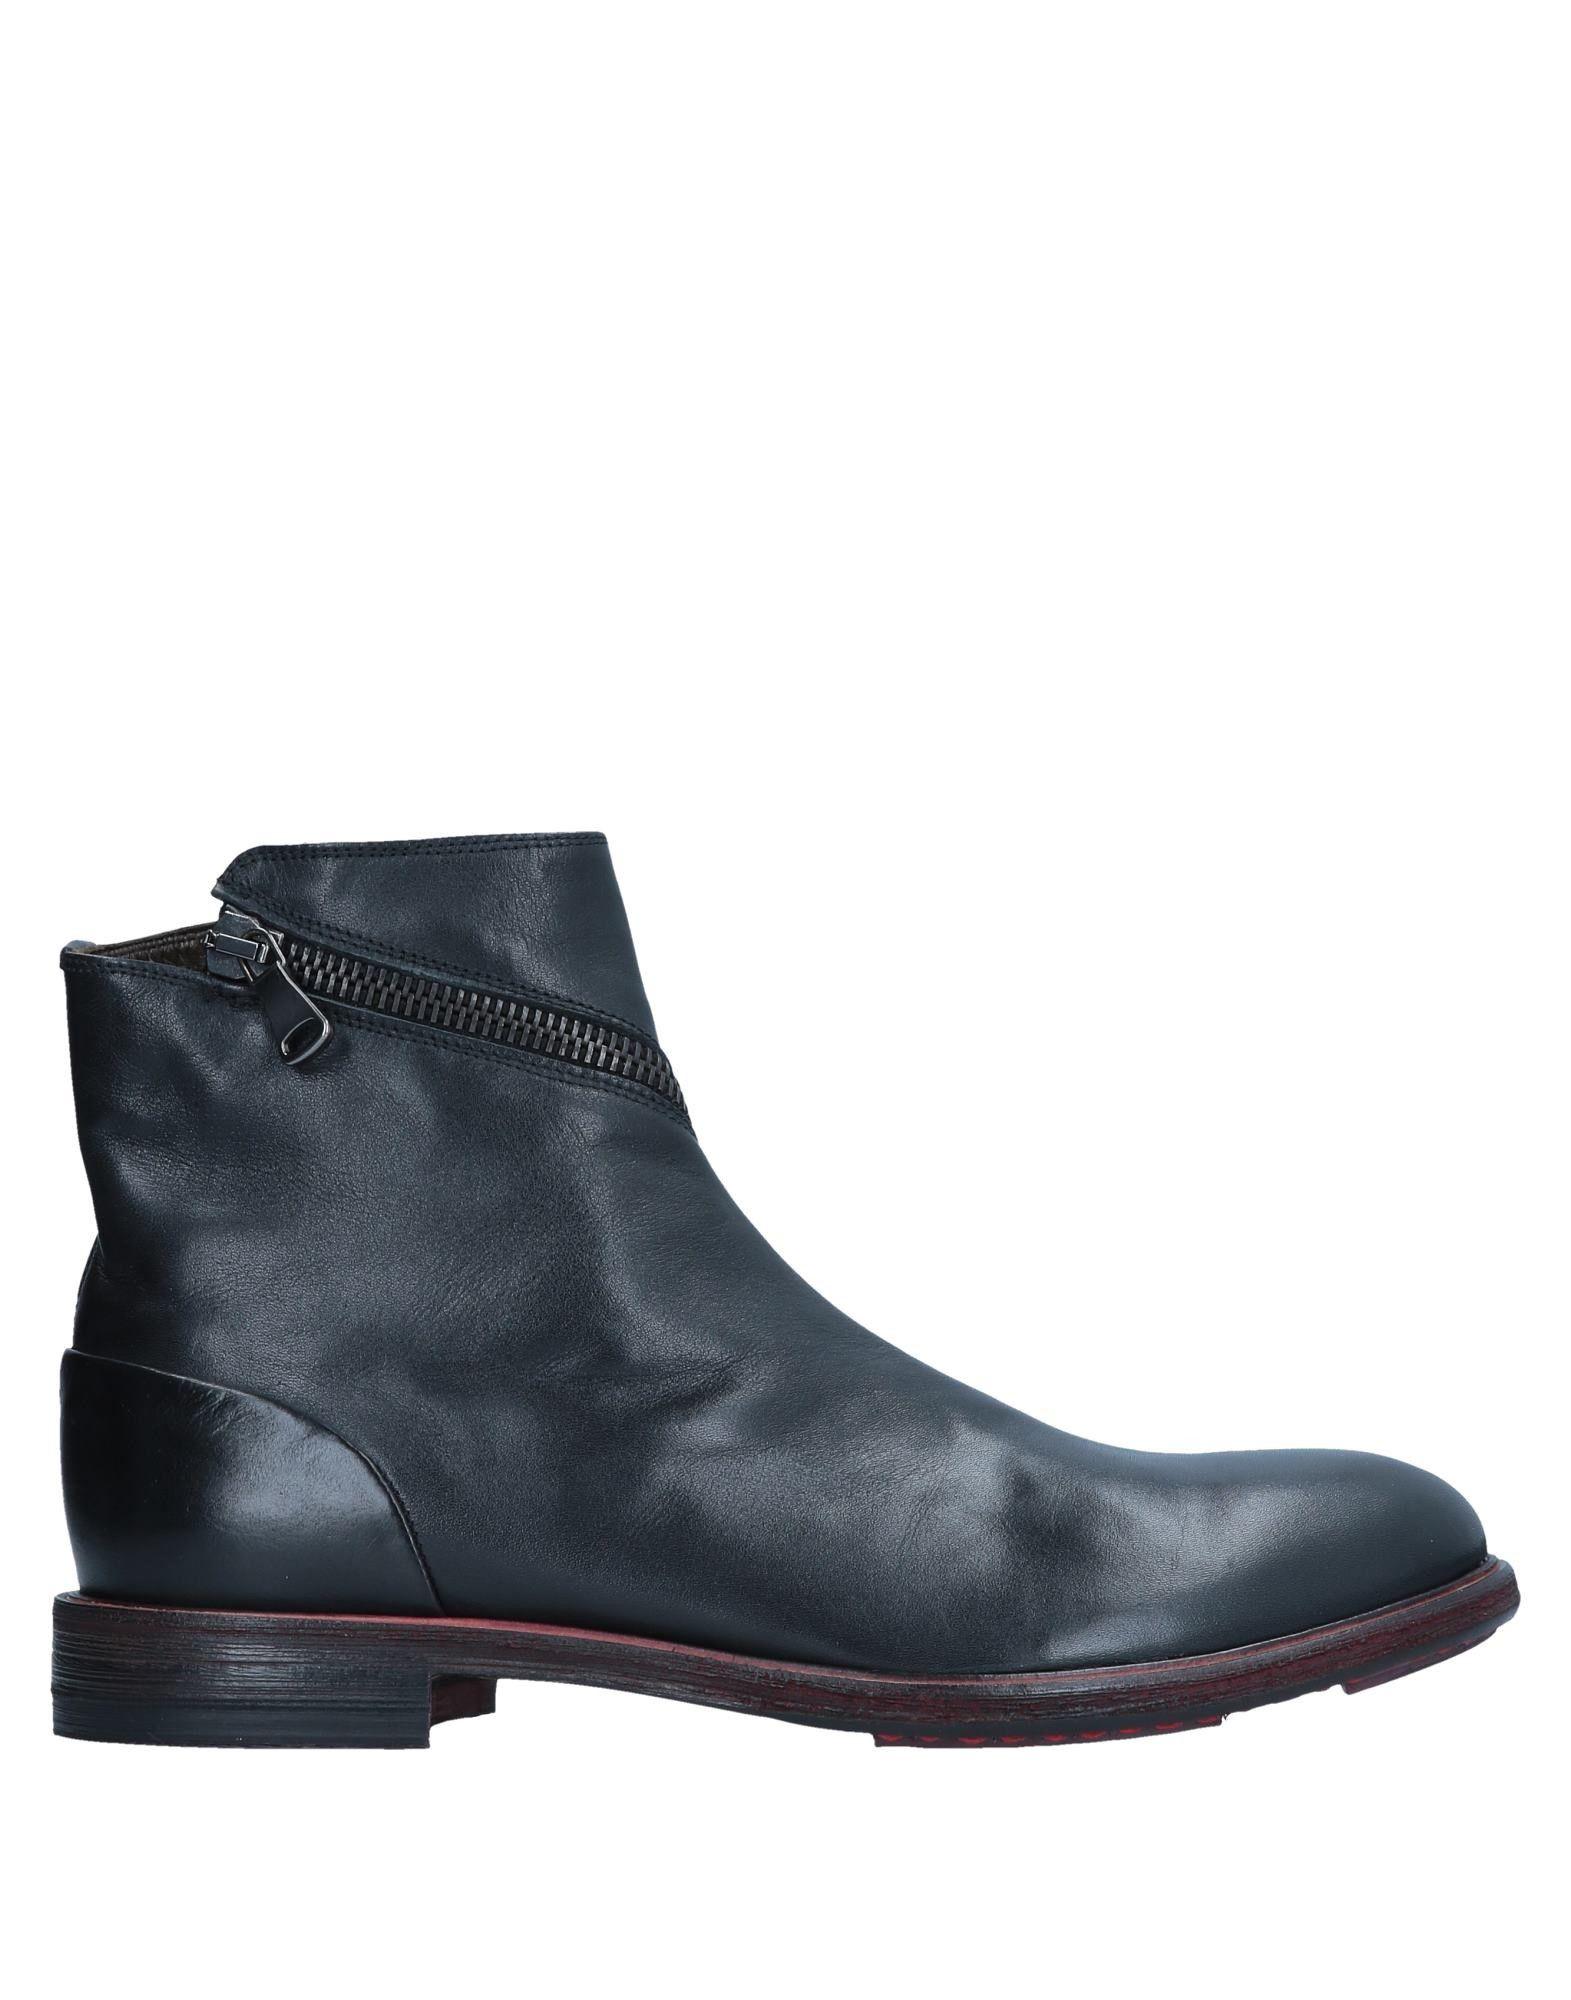 Rabatt echte Schuhe Jp/David Stiefelette Herren 11555284NX